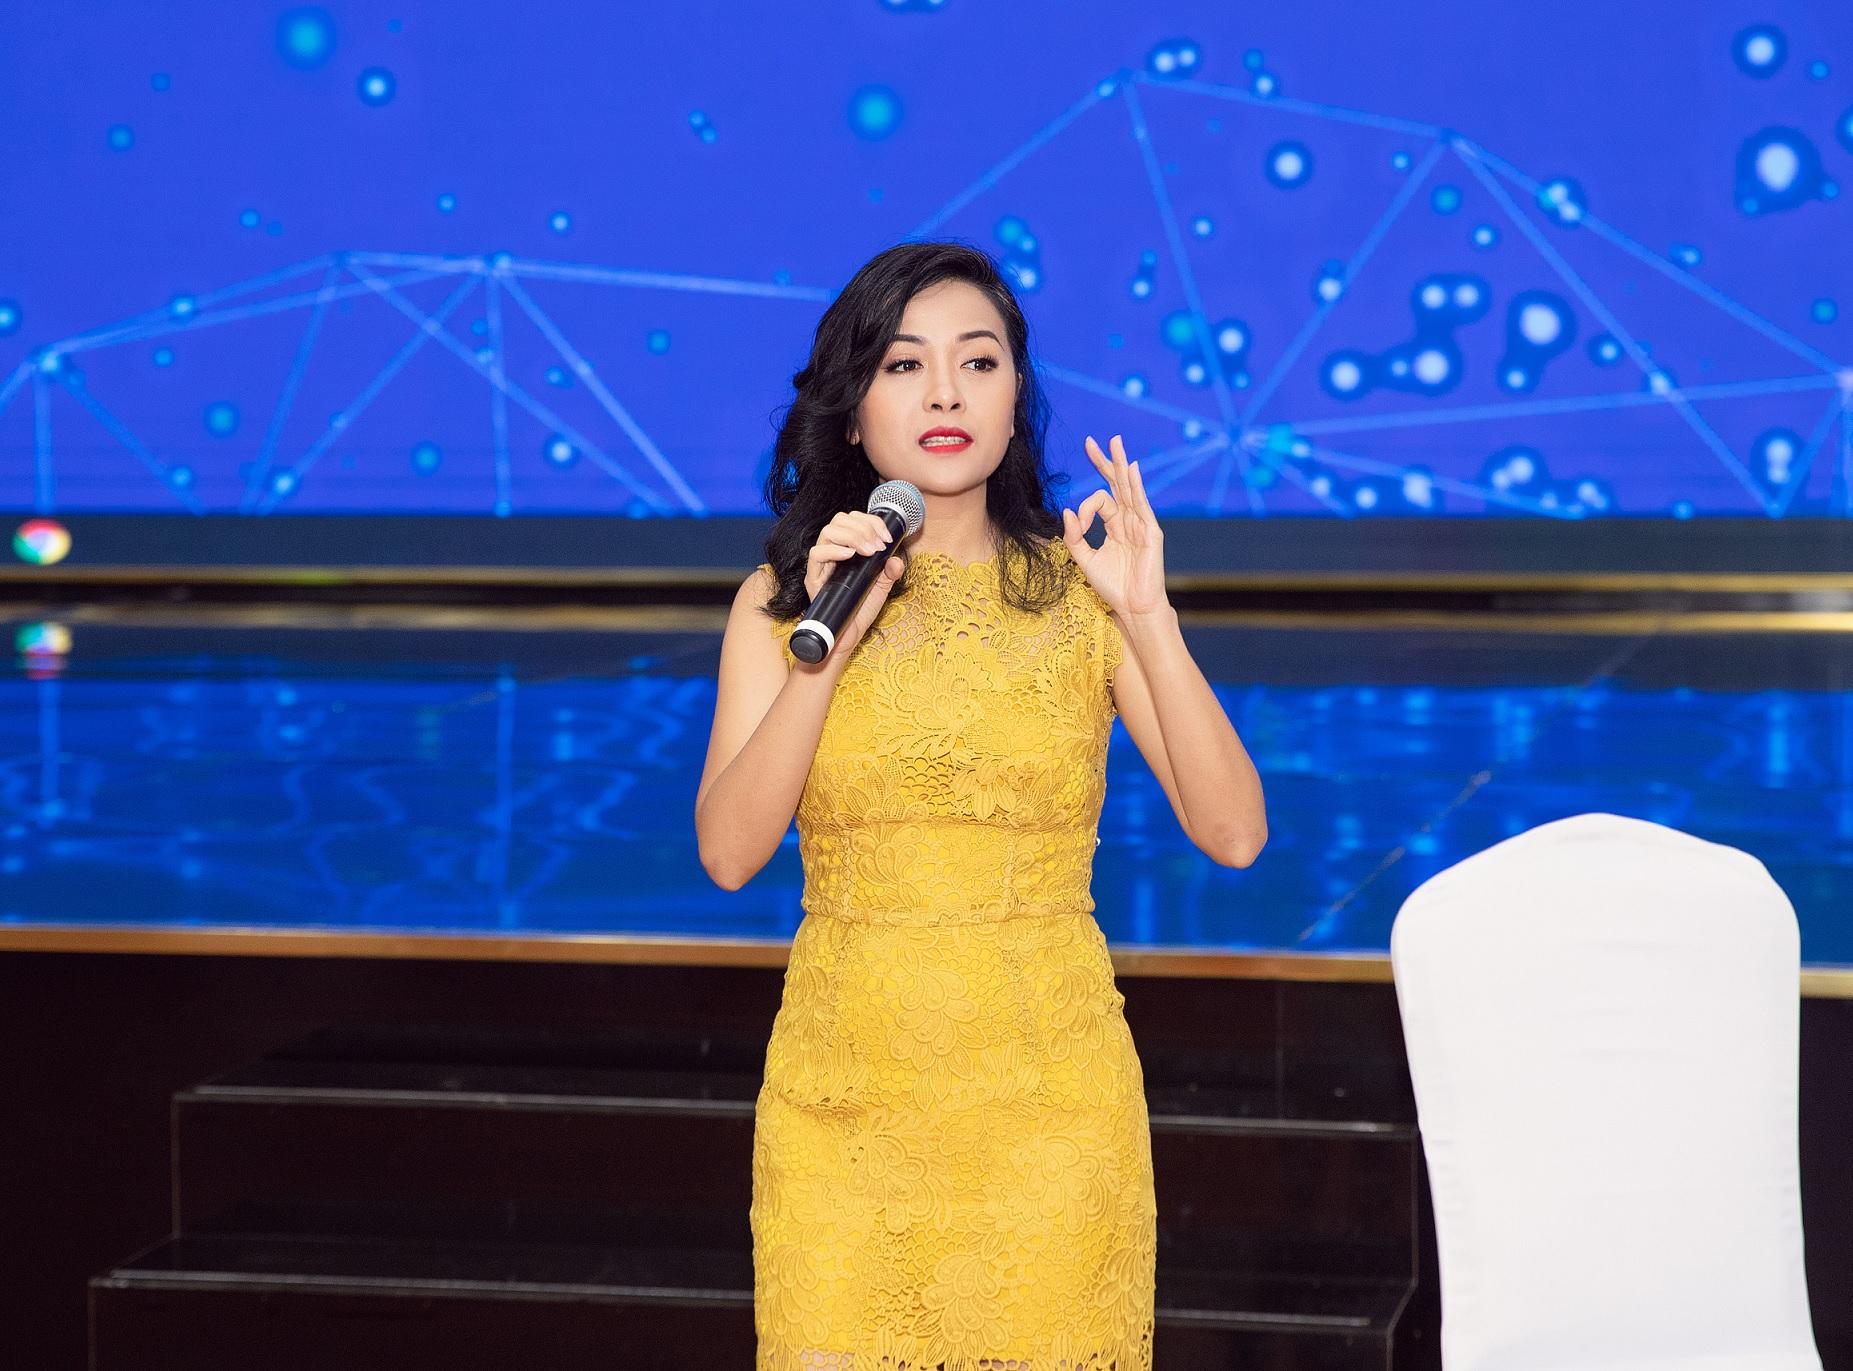 Bà Trần Uyên Phương, Phó tổng giám đốc Tân Hiệp Phát. Ảnh: Tân Hiệp Phát